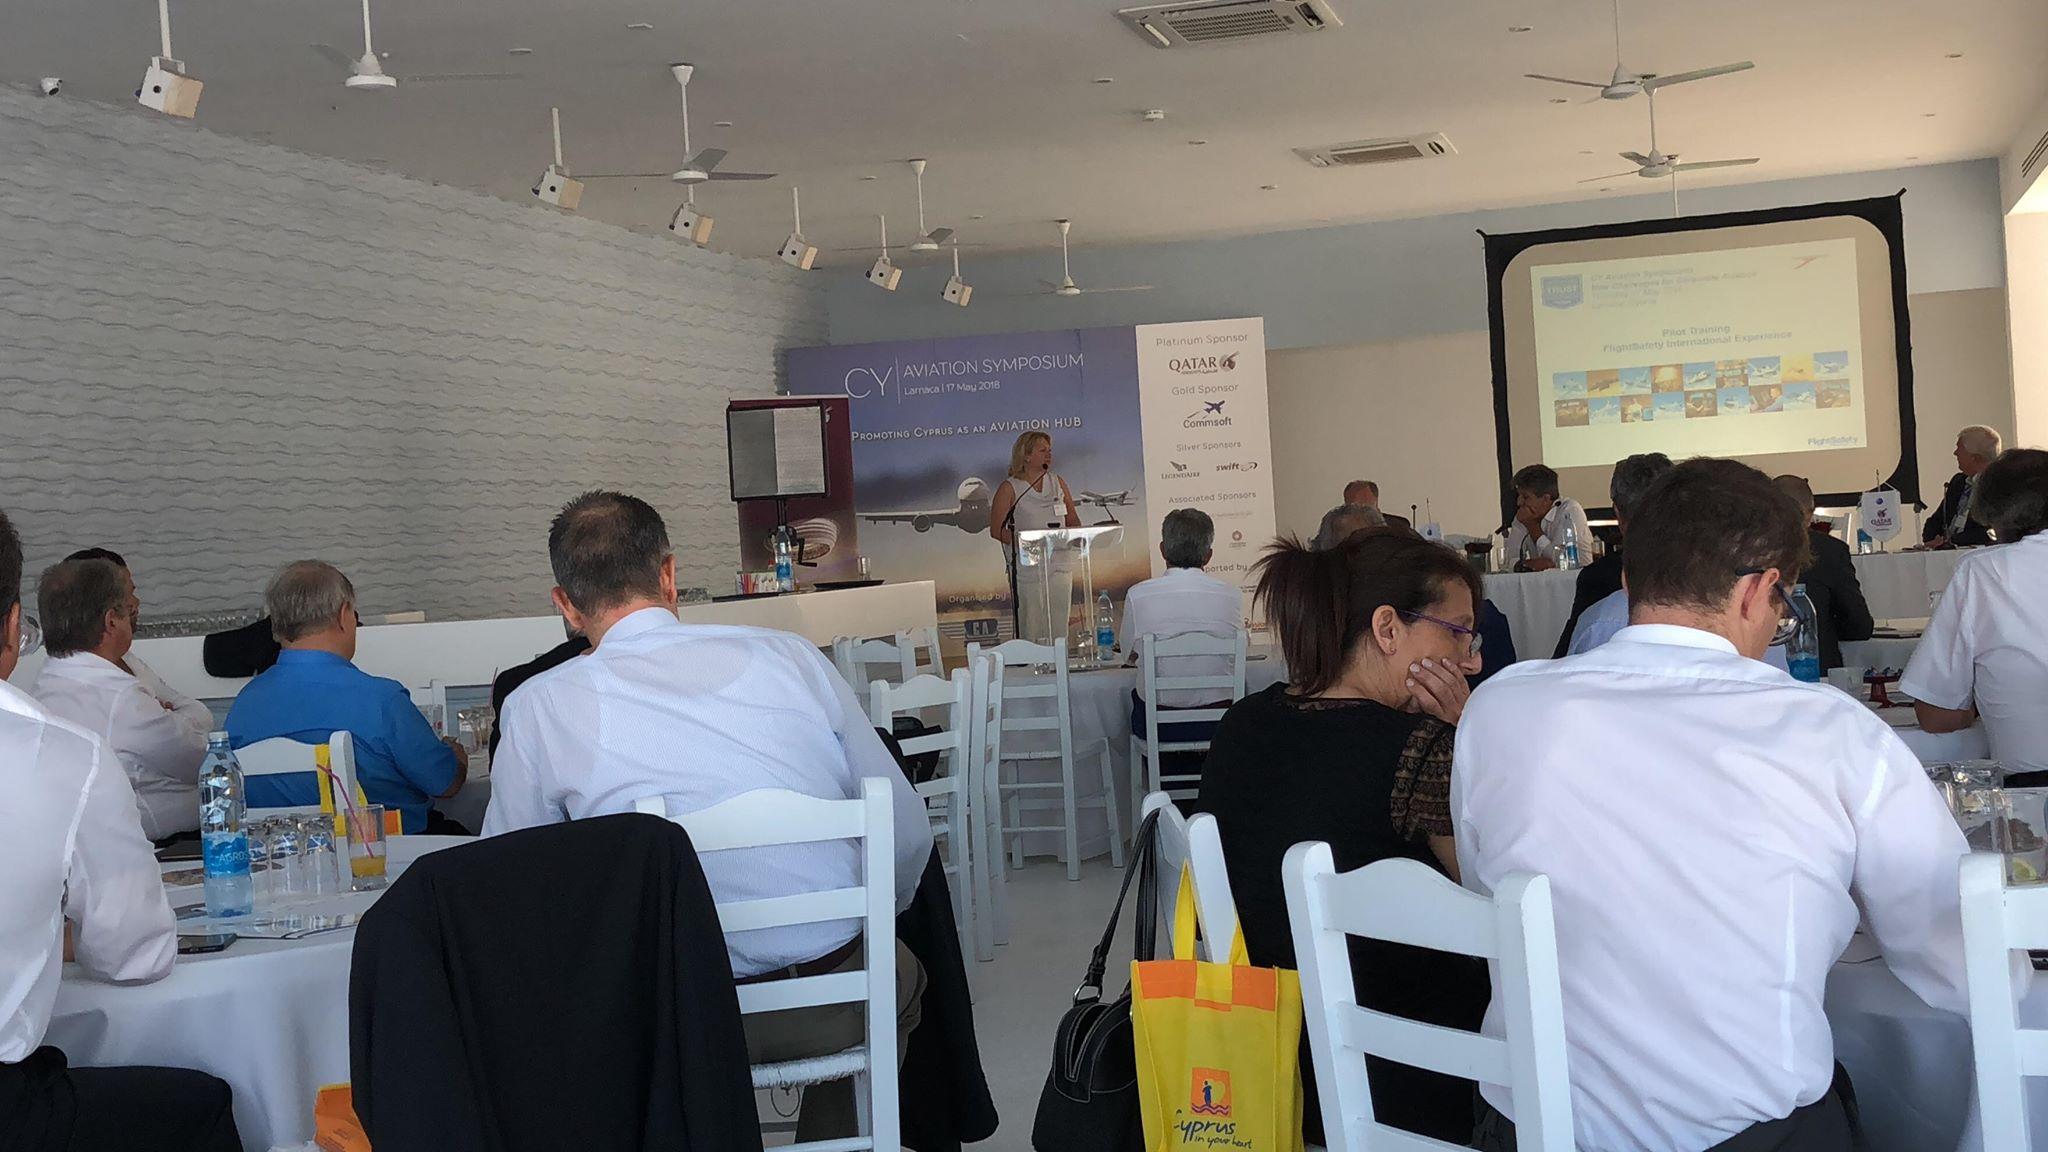 Cyprus Aviation Symposium1 - На Кипре прошел авиационный симпозиум с участием Cofrance Sarl